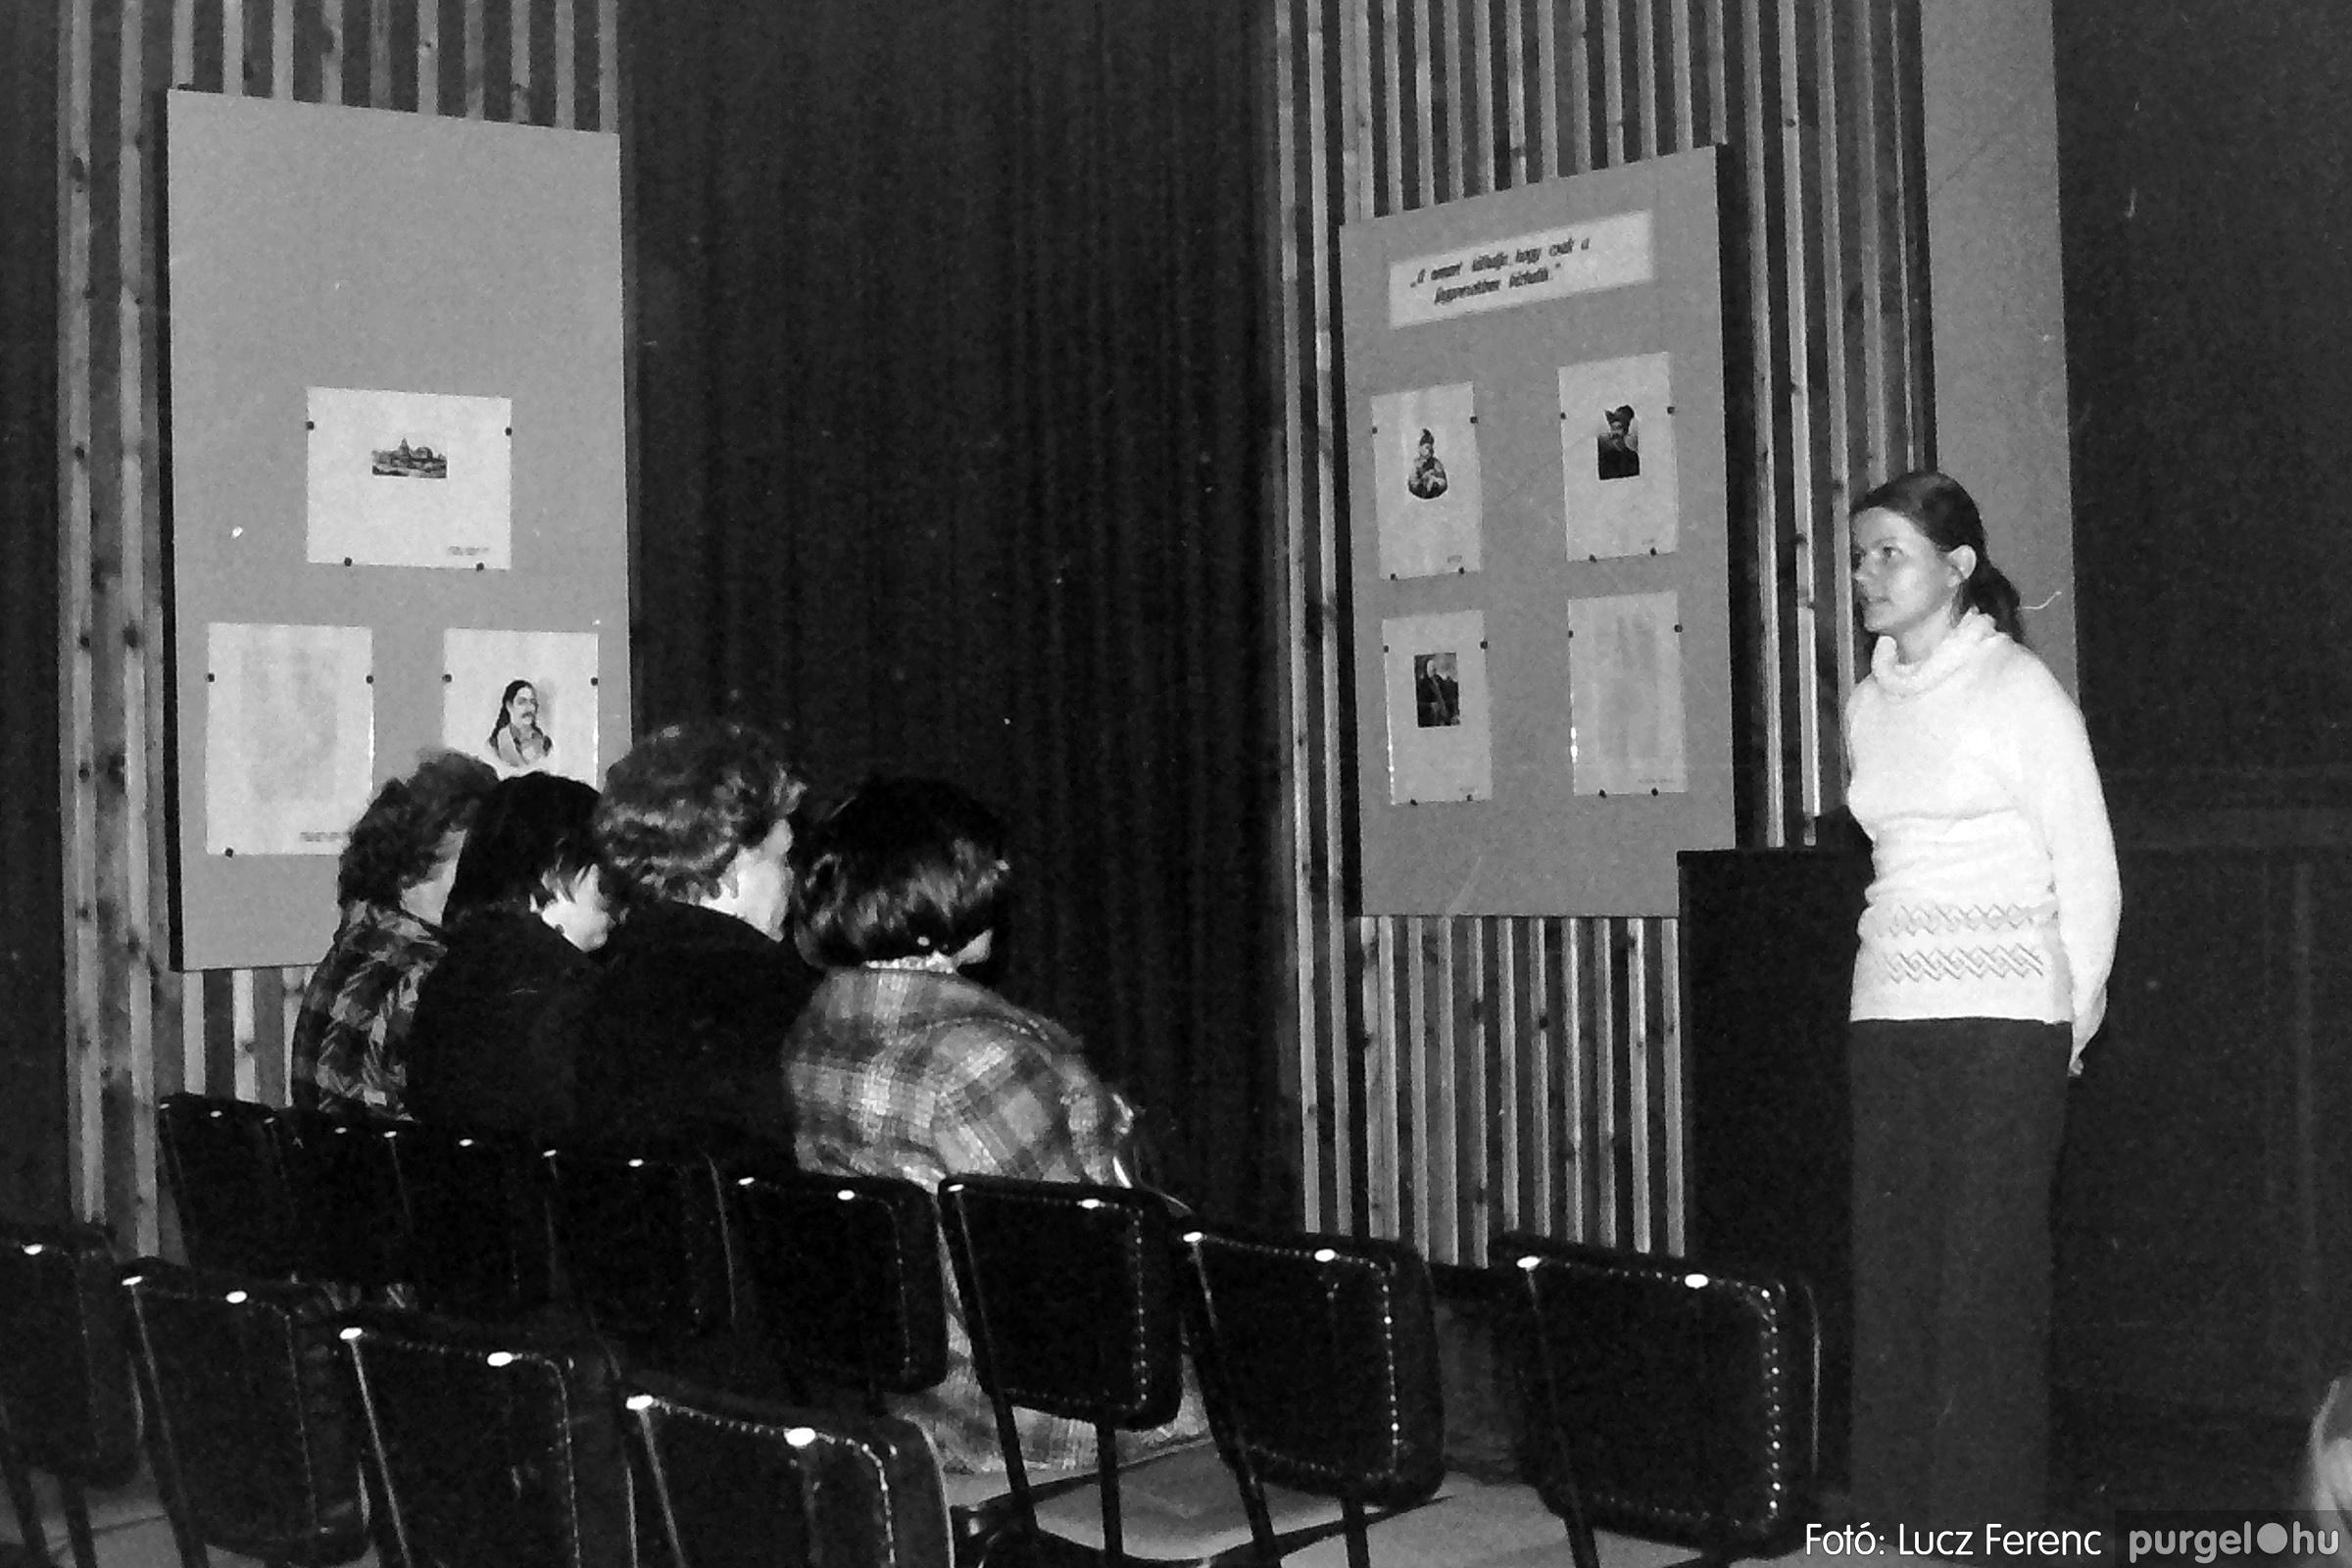 064. 1976. Kiállítás a kultúrházban 002. - Fotó: Lucz Ferenc.jpg